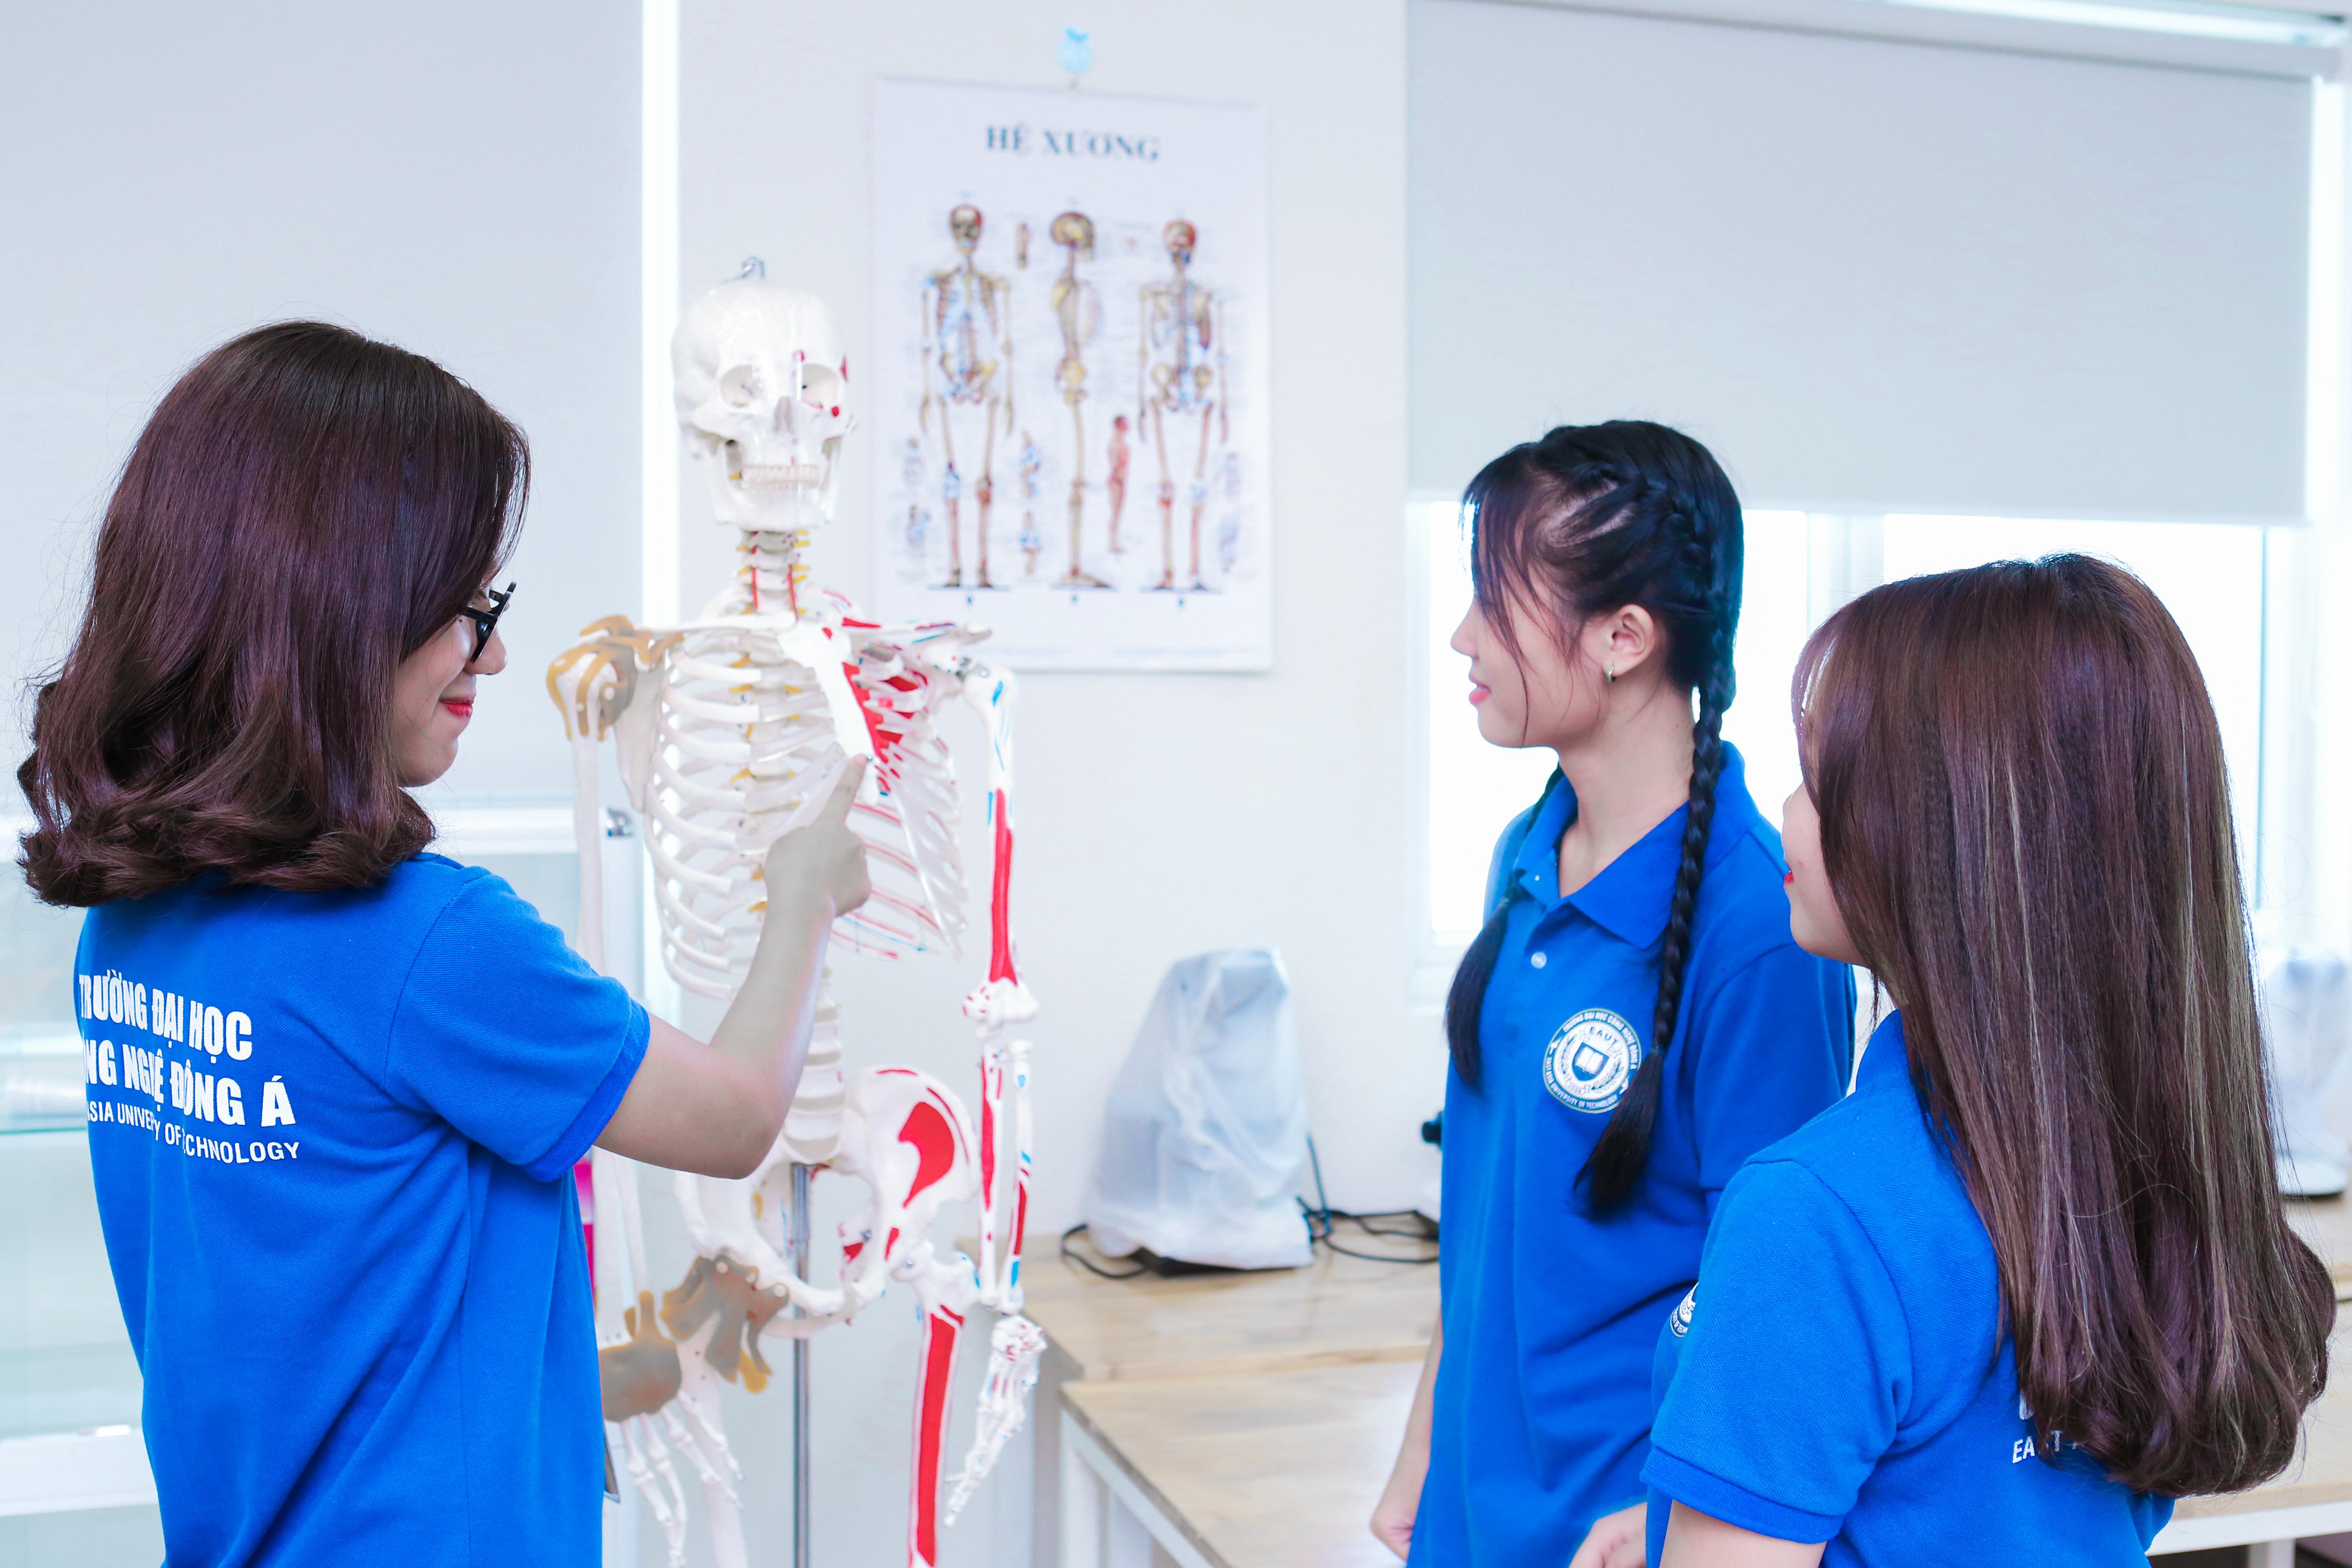 Sinh viên ngành dược học sẽ được học những gì?